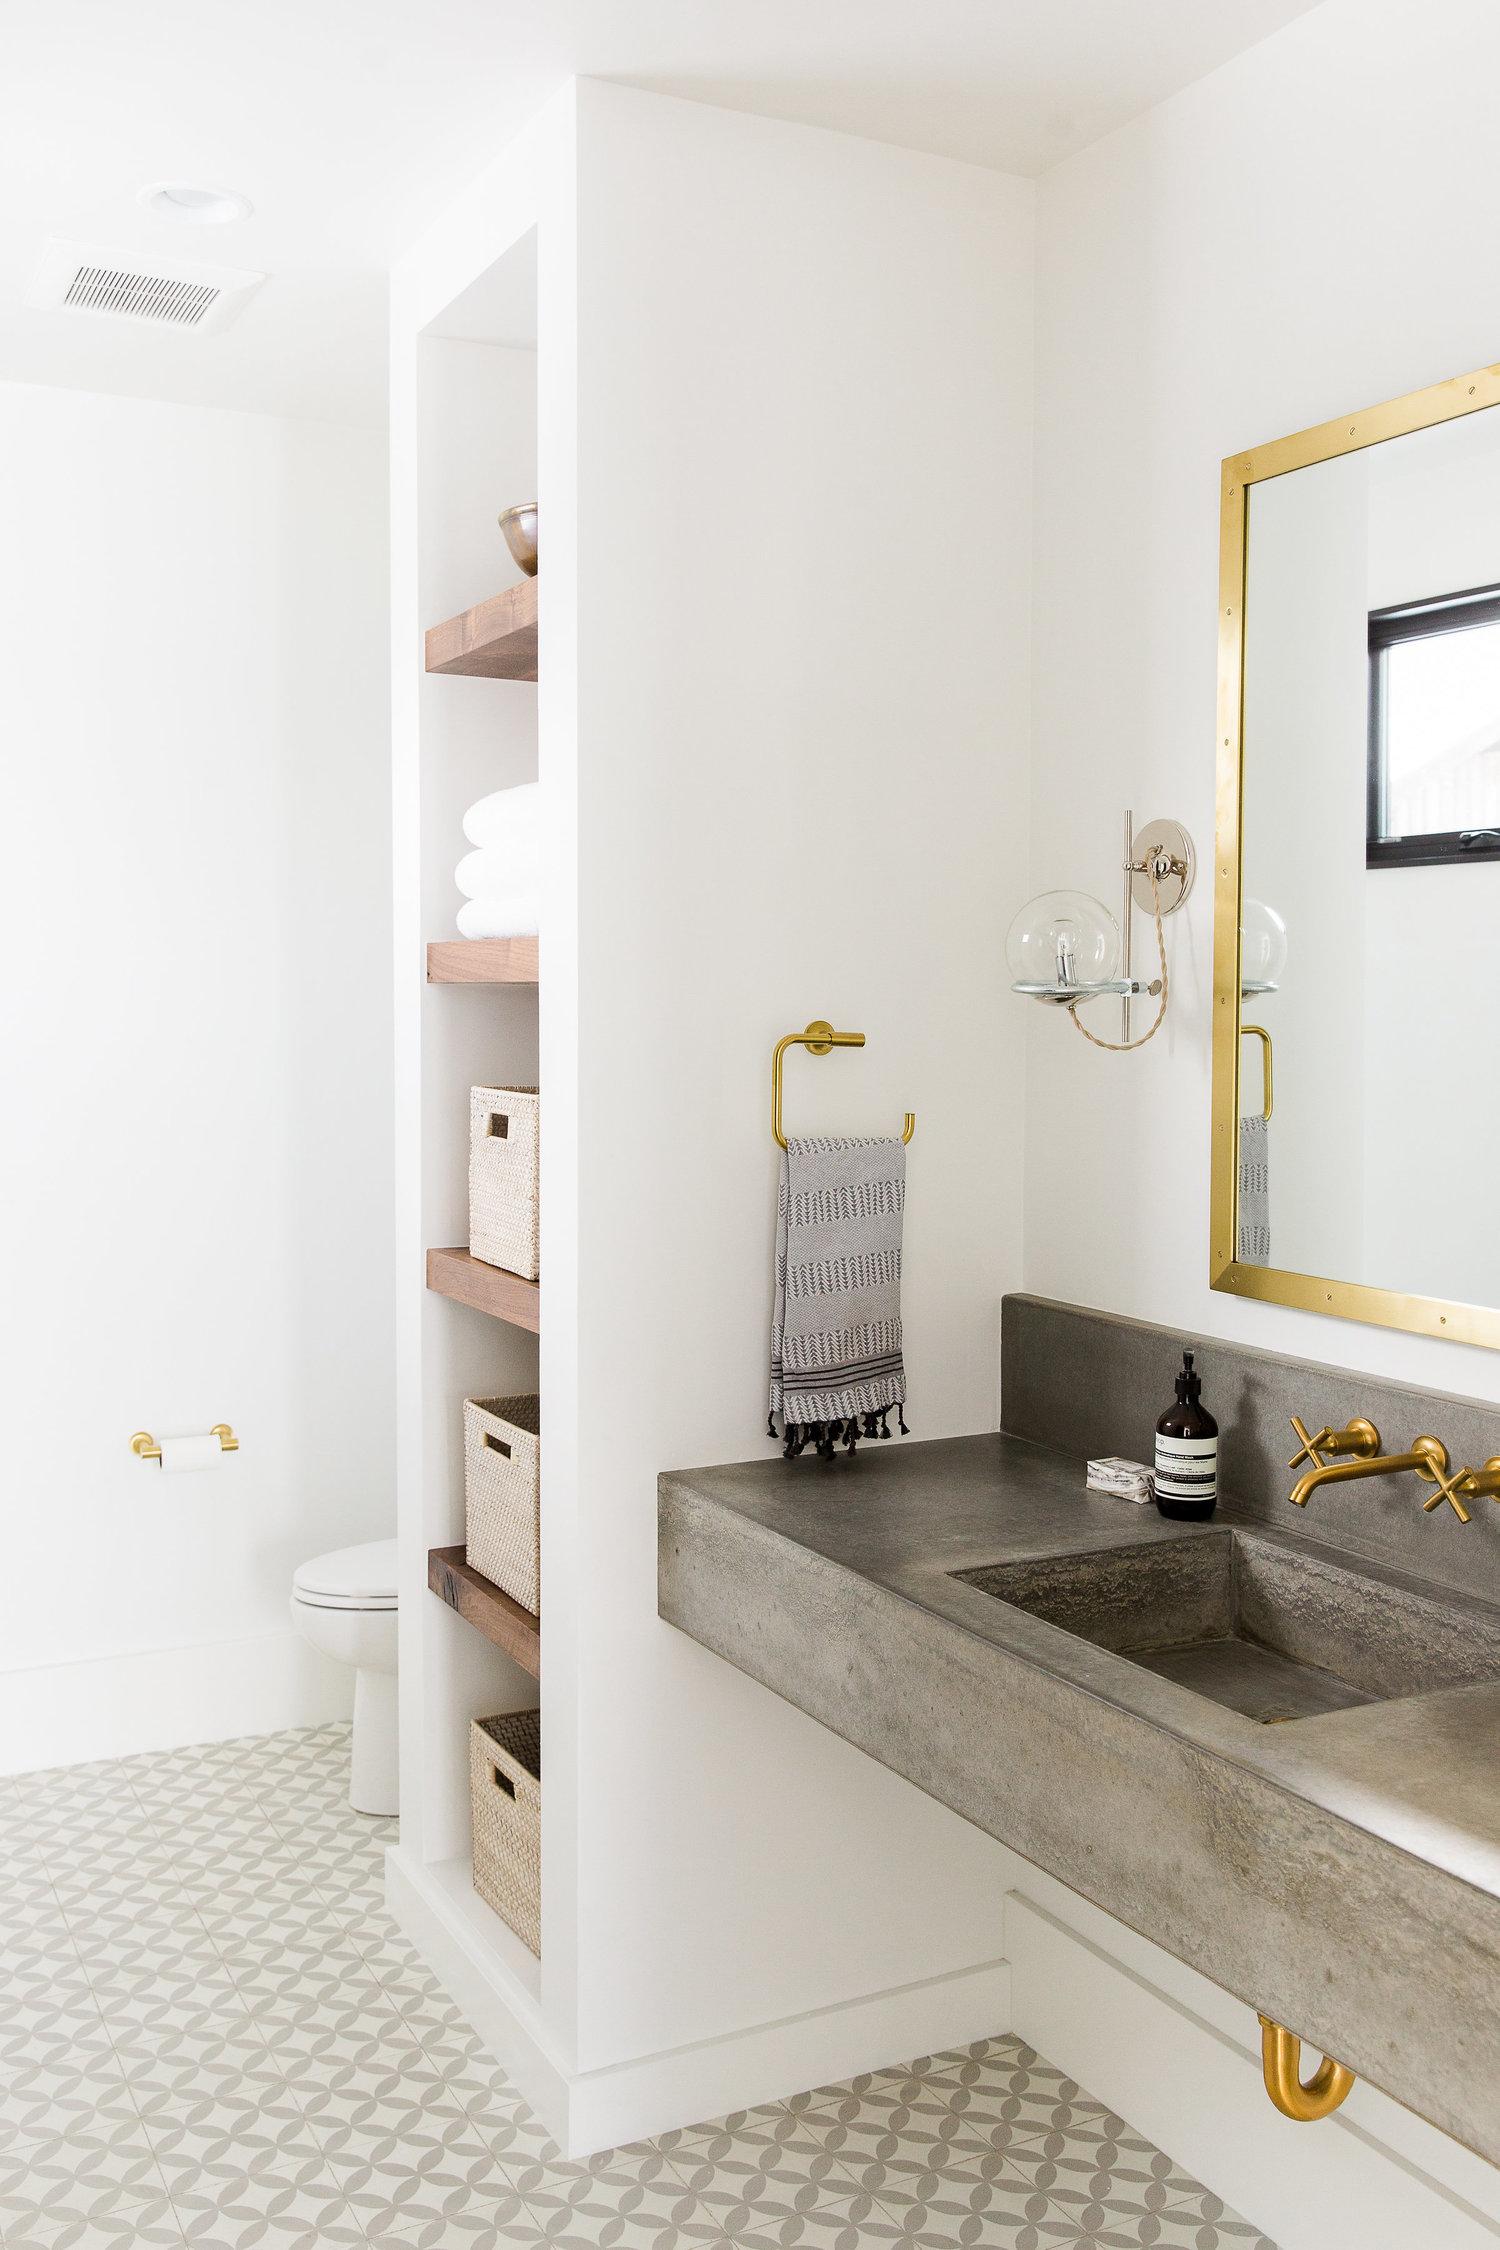 Built in linen shelves next to bathroom vanity